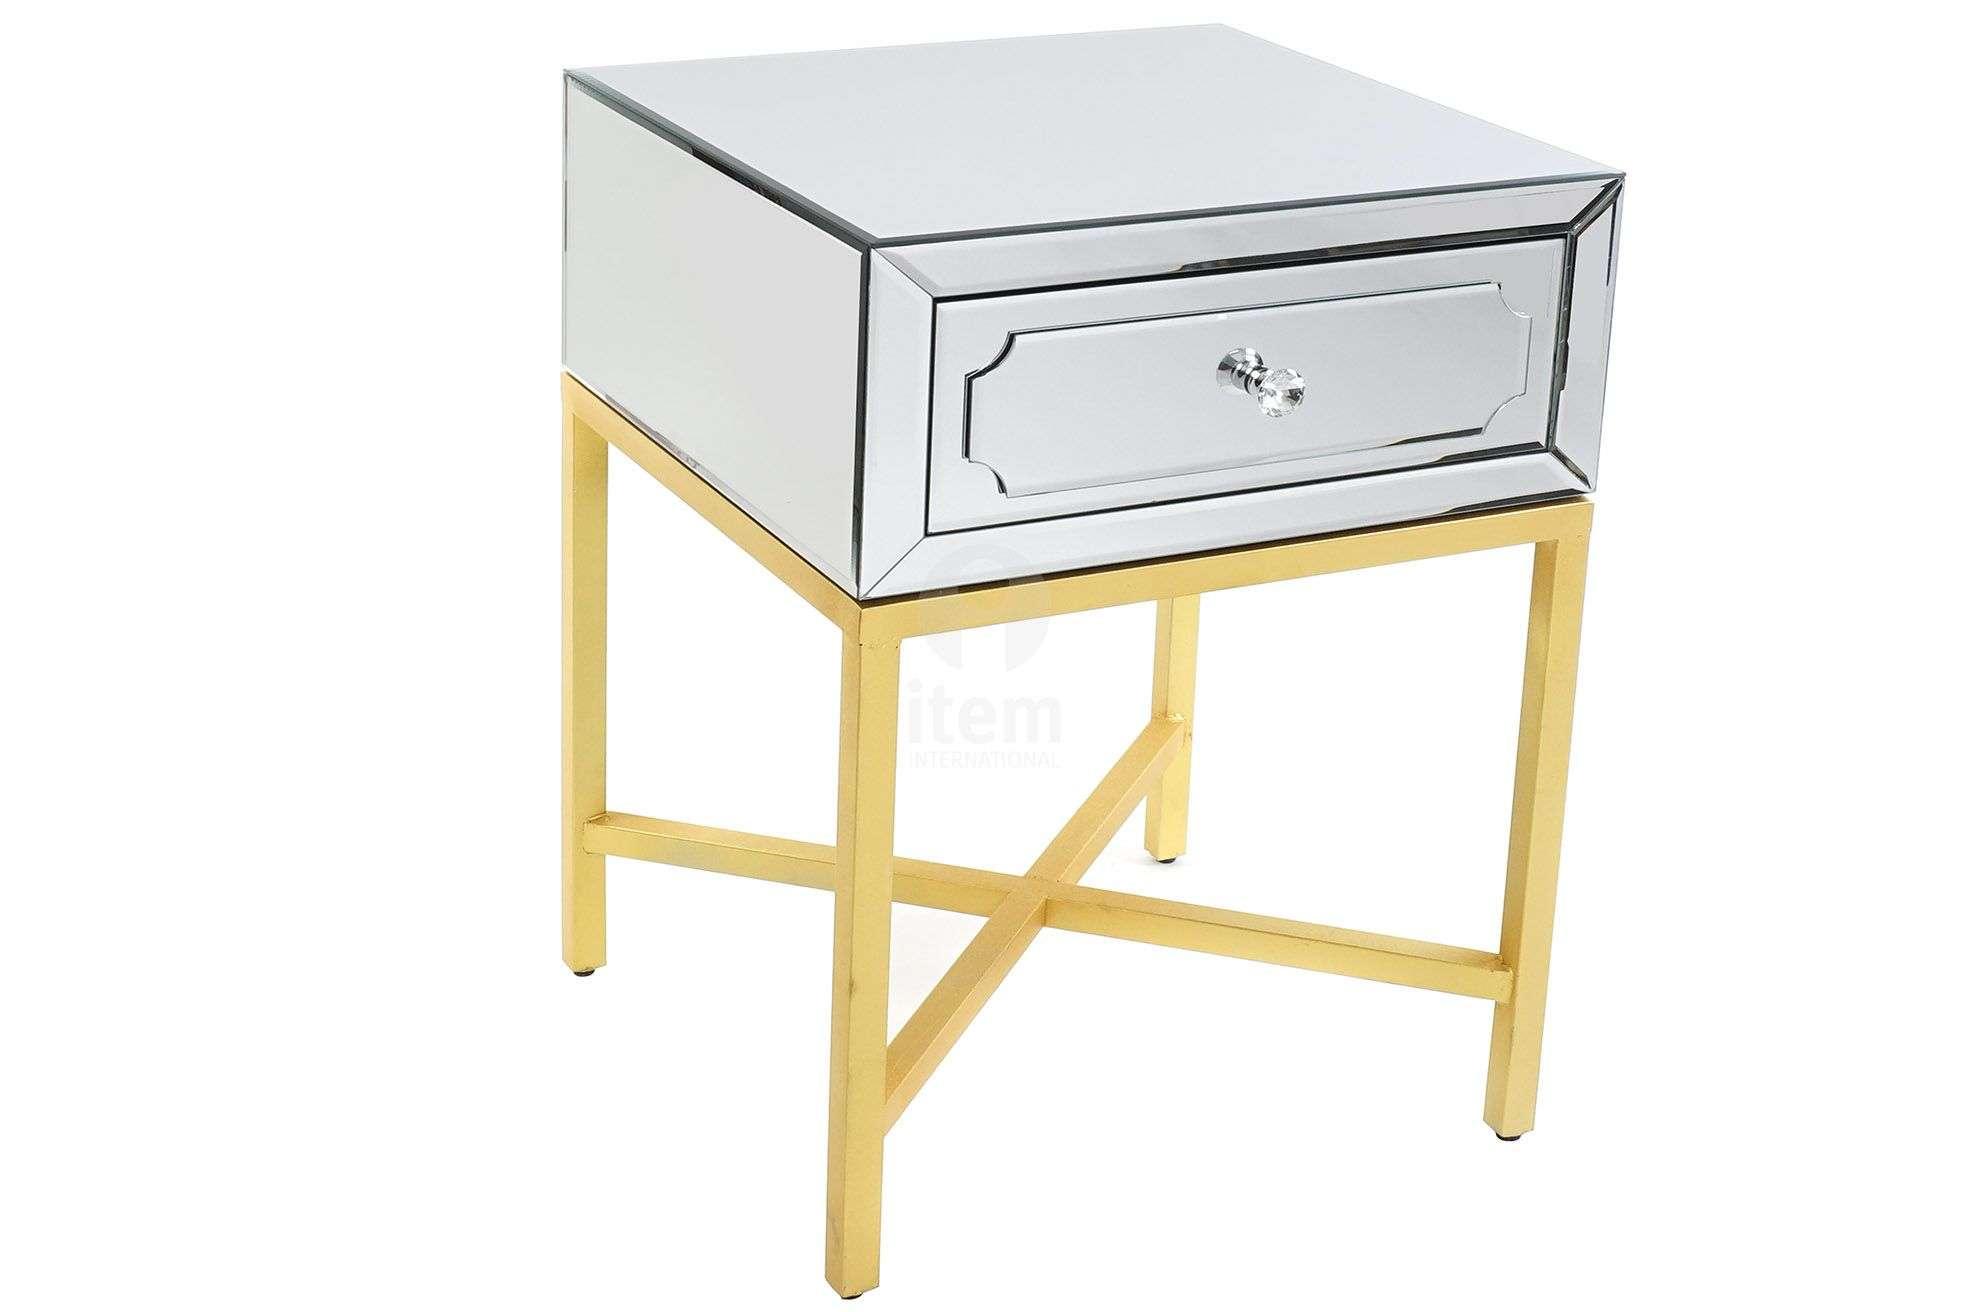 Table De Chevet Miroir Pas Cher chevet miroir socle doré art déco avec 1 tiroir pas cher